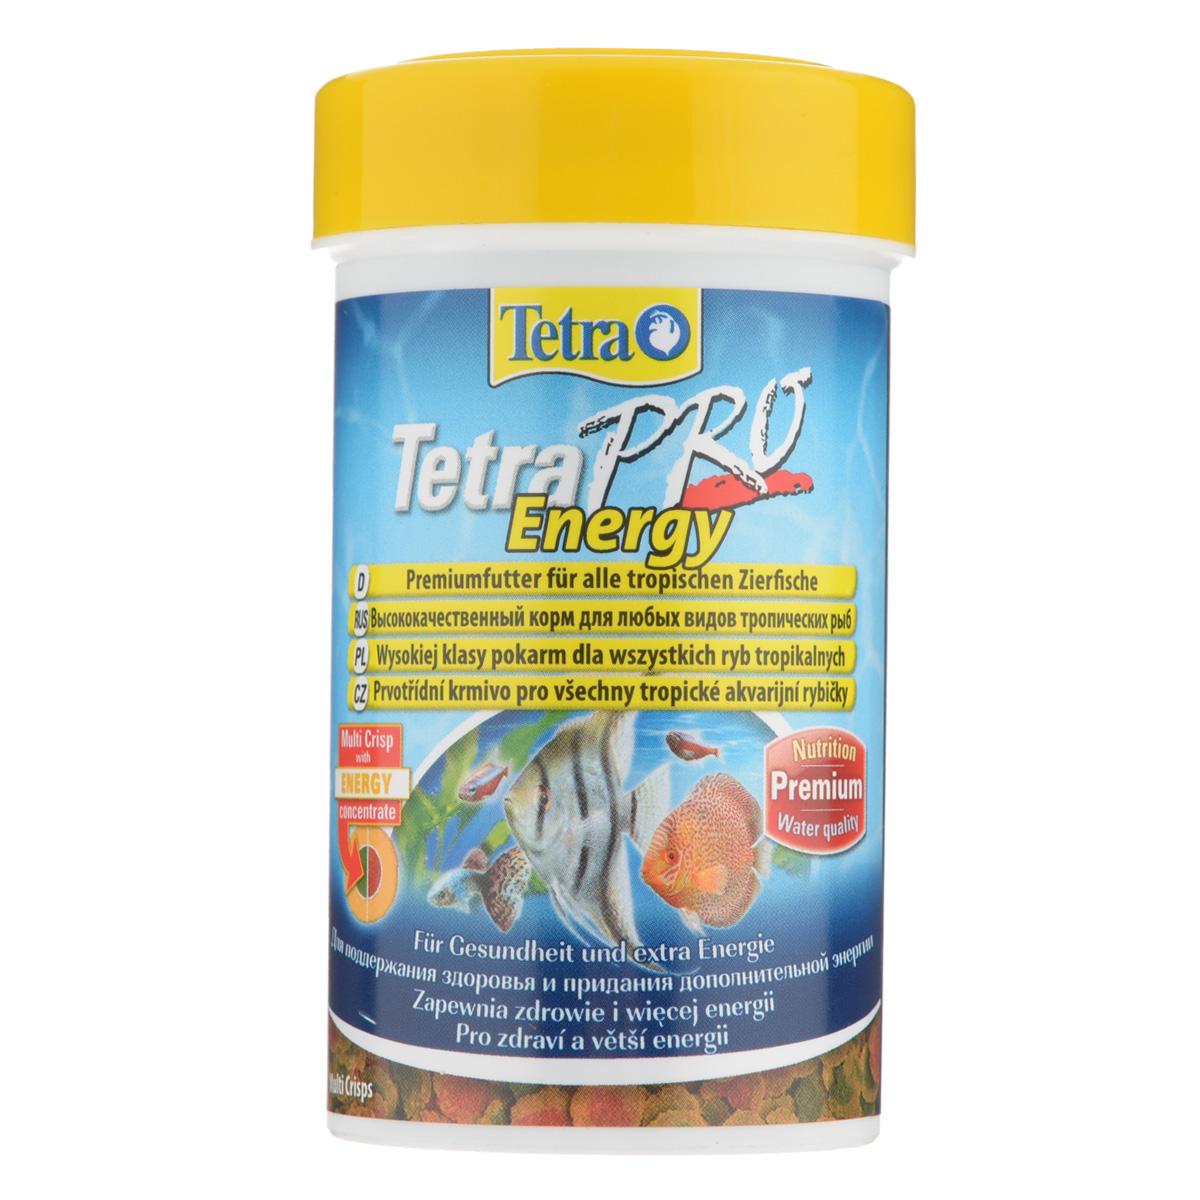 Корм сухой Tetra TetraPro. Energy для всех видов тропических рыб , чипсы, 100 мл (20 г)141711Полноценный высококачественный корм Tetra TetraPro. Energy для всех видов тропических рыб разработан для поддержания здоровья и придания дополнительной энергии. Особенности Tetra TetraPro. Energy: - щадящая низкотемпературная технология изготовления обеспечивает высокую питательную ценность и стабильность витаминов; - энергетический концентрат для дополнительной энергии; - инновационная форма чипсов для минимального загрязнения воды отходами; - легкое кормление. Рекомендации по кормлению: кормить несколько раз в день маленькими порциями. Состав: рыба и побочные рыбные продукты, зерновые культуры, экстракты растительного белка, дрожжи, моллюски и раки, масла и жиры, водоросли, сахар. Аналитические компоненты: сырой белок - 46%, сырые масла и жиры - 12%, сырая клетчатка - 2,0%, влага - 9%. Добавки: витамины, провитамины и химические вещества с аналогичным воздействием: витамин А 29880 МЕ/кг, витамин Д3 1865 МЕ/кг,...